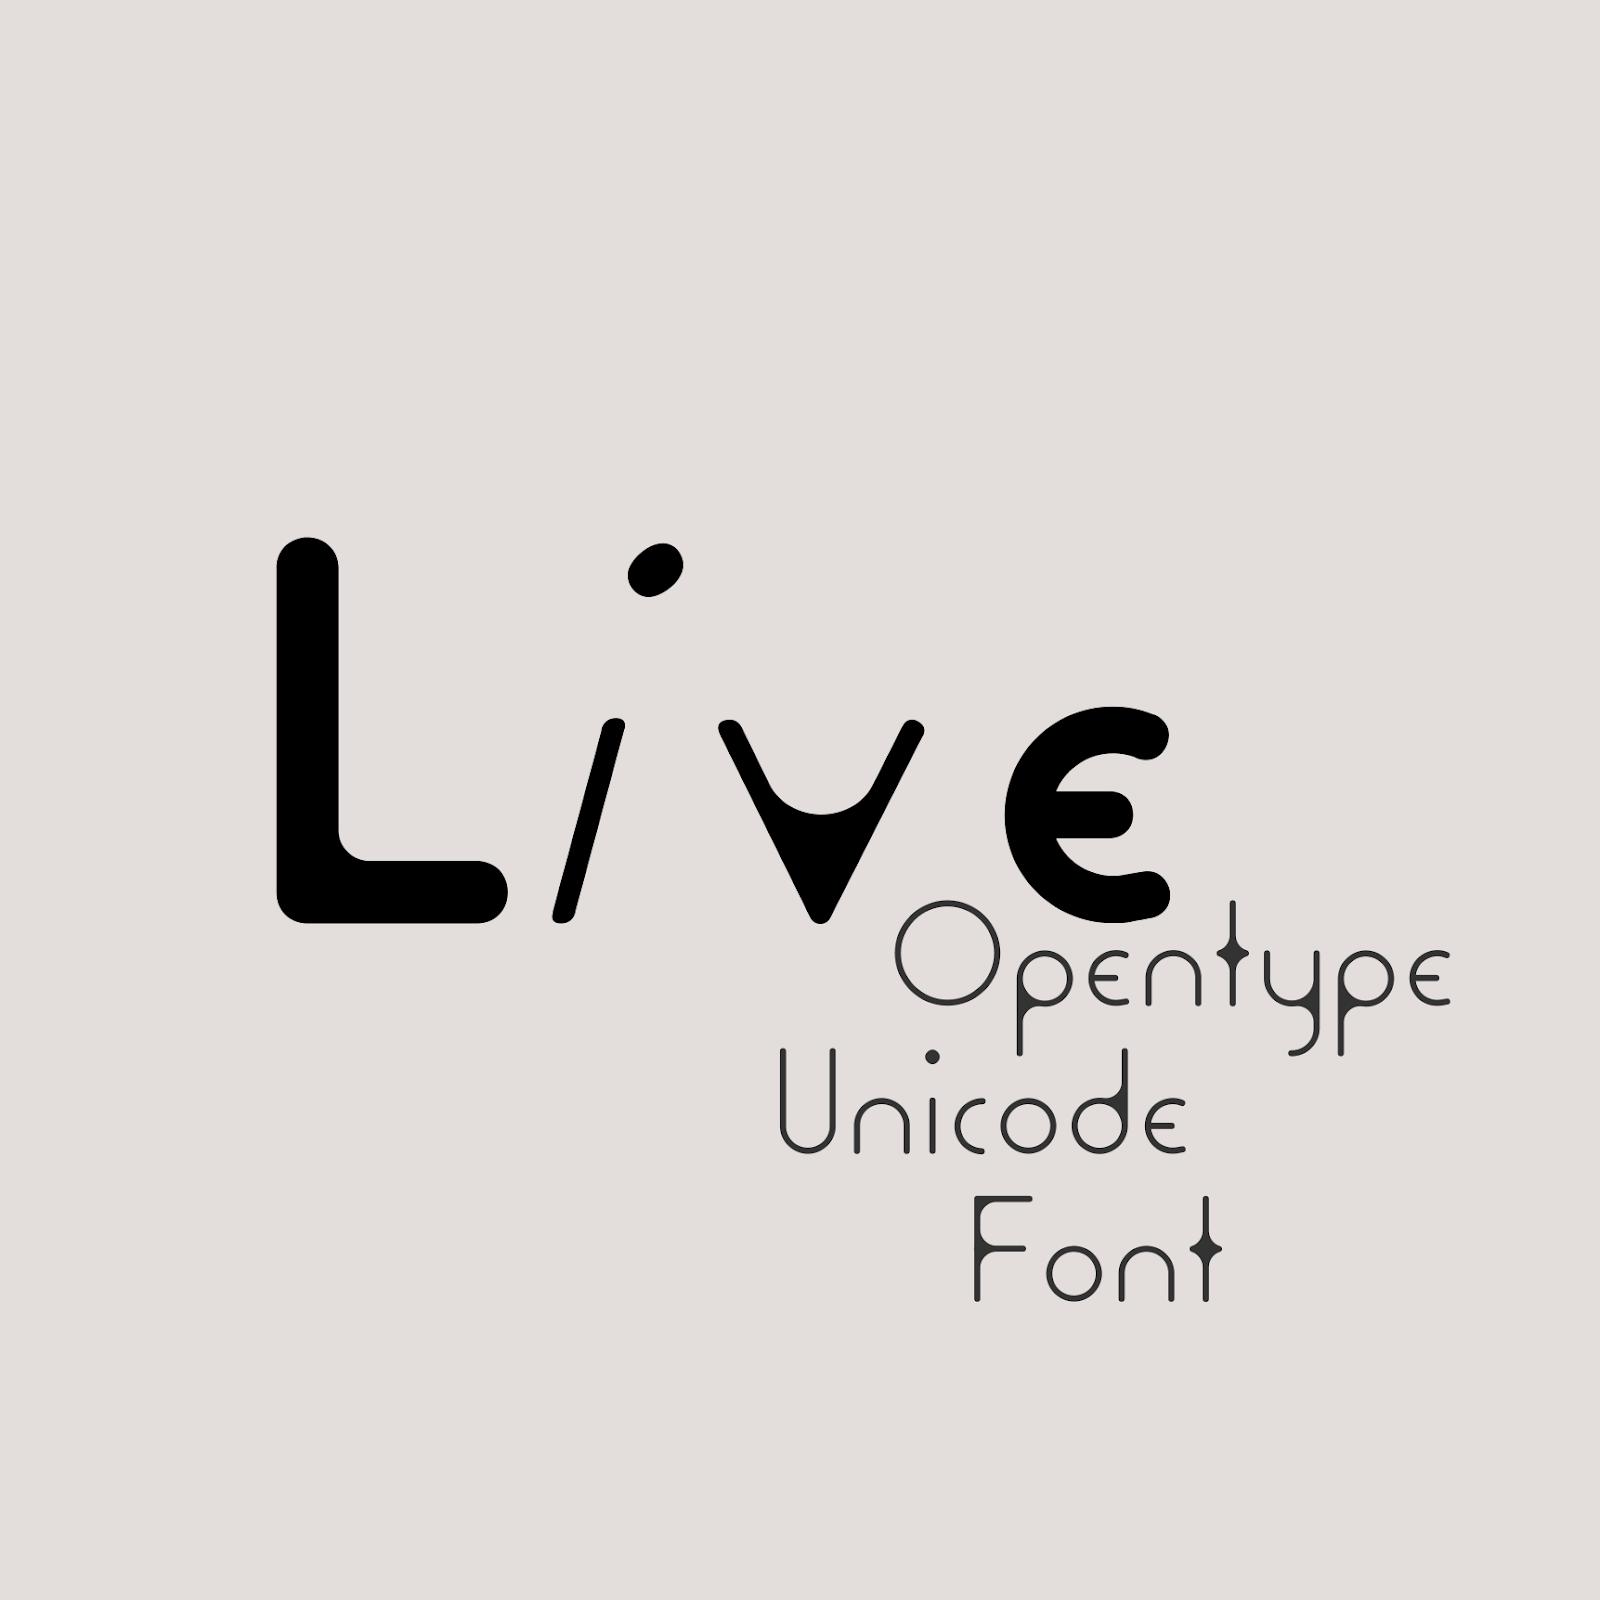 PVF_Live #Free Light #Futuristic #Sans-Serif #Rounded #Geometric #Font